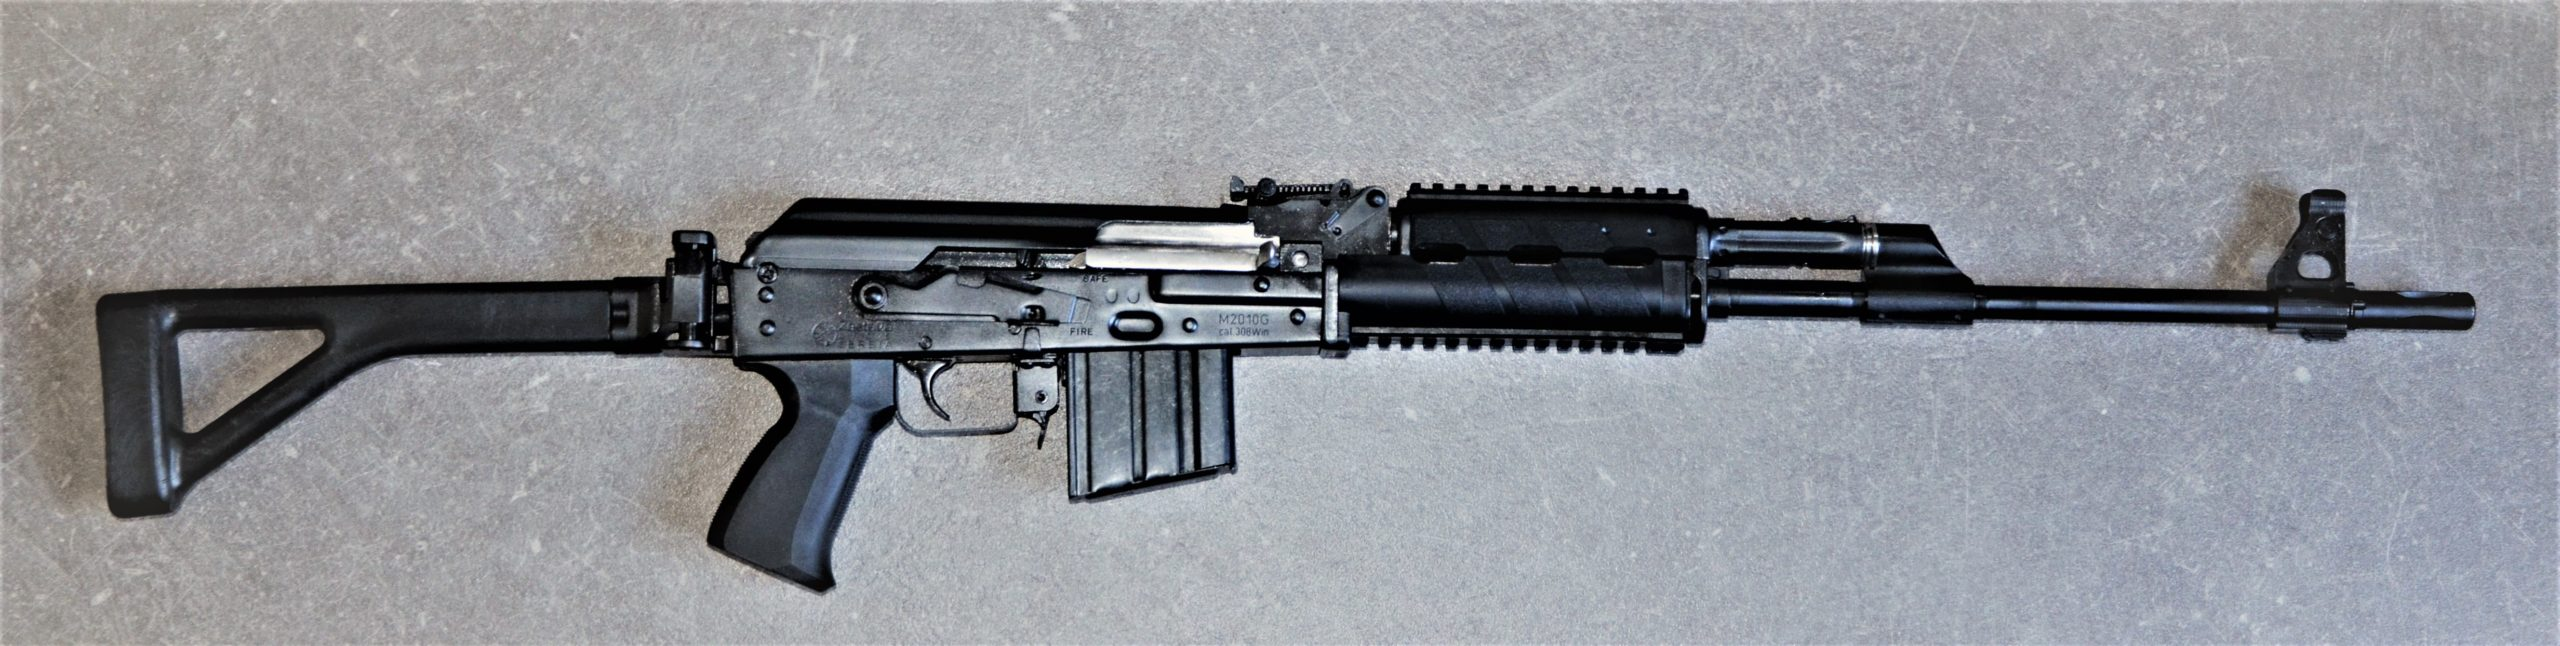 Zastava M2010 G mit Klappschaft - .308Win - halbautomatische Büchse rechts